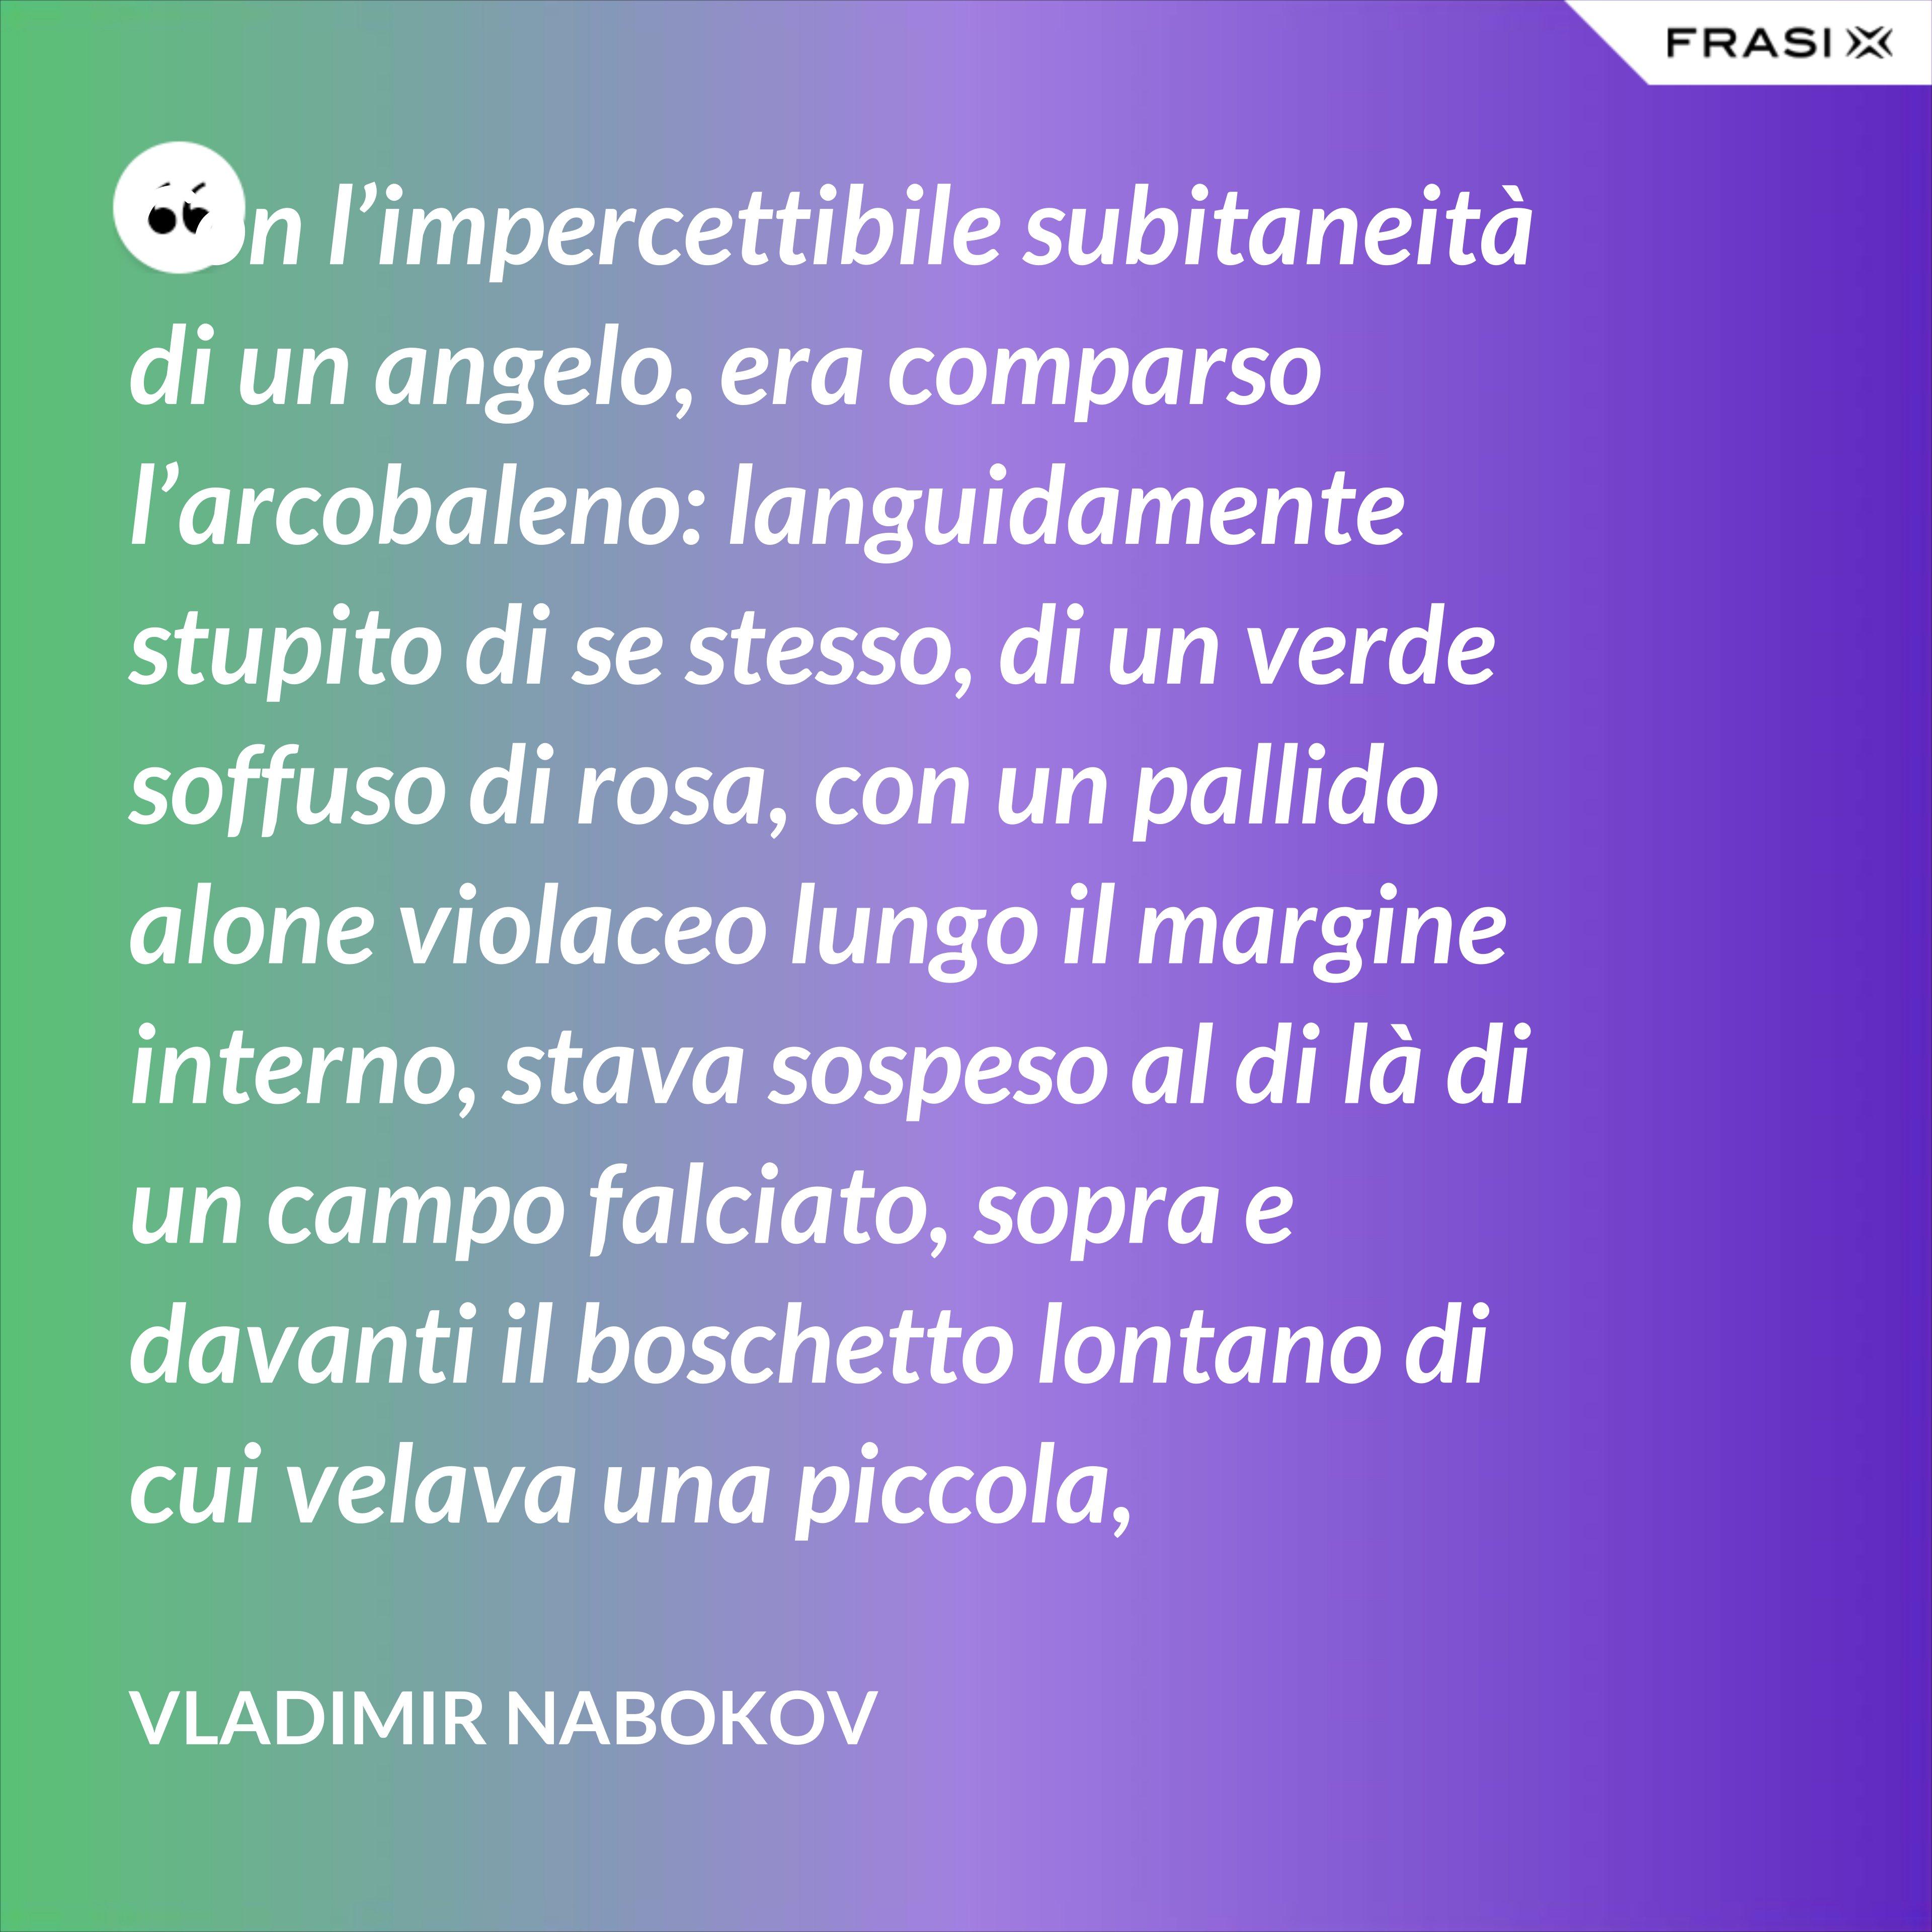 Con l'impercettibile subitaneità di un angelo, era comparso l'arcobaleno: languidamente stupito di se stesso, di un verde soffuso di rosa, con un pallido alone violaceo lungo il margine interno, stava sospeso al di là di un campo falciato, sopra e davanti il boschetto lontano di cui velava una piccola, tremante porzione. - Vladimir Nabokov